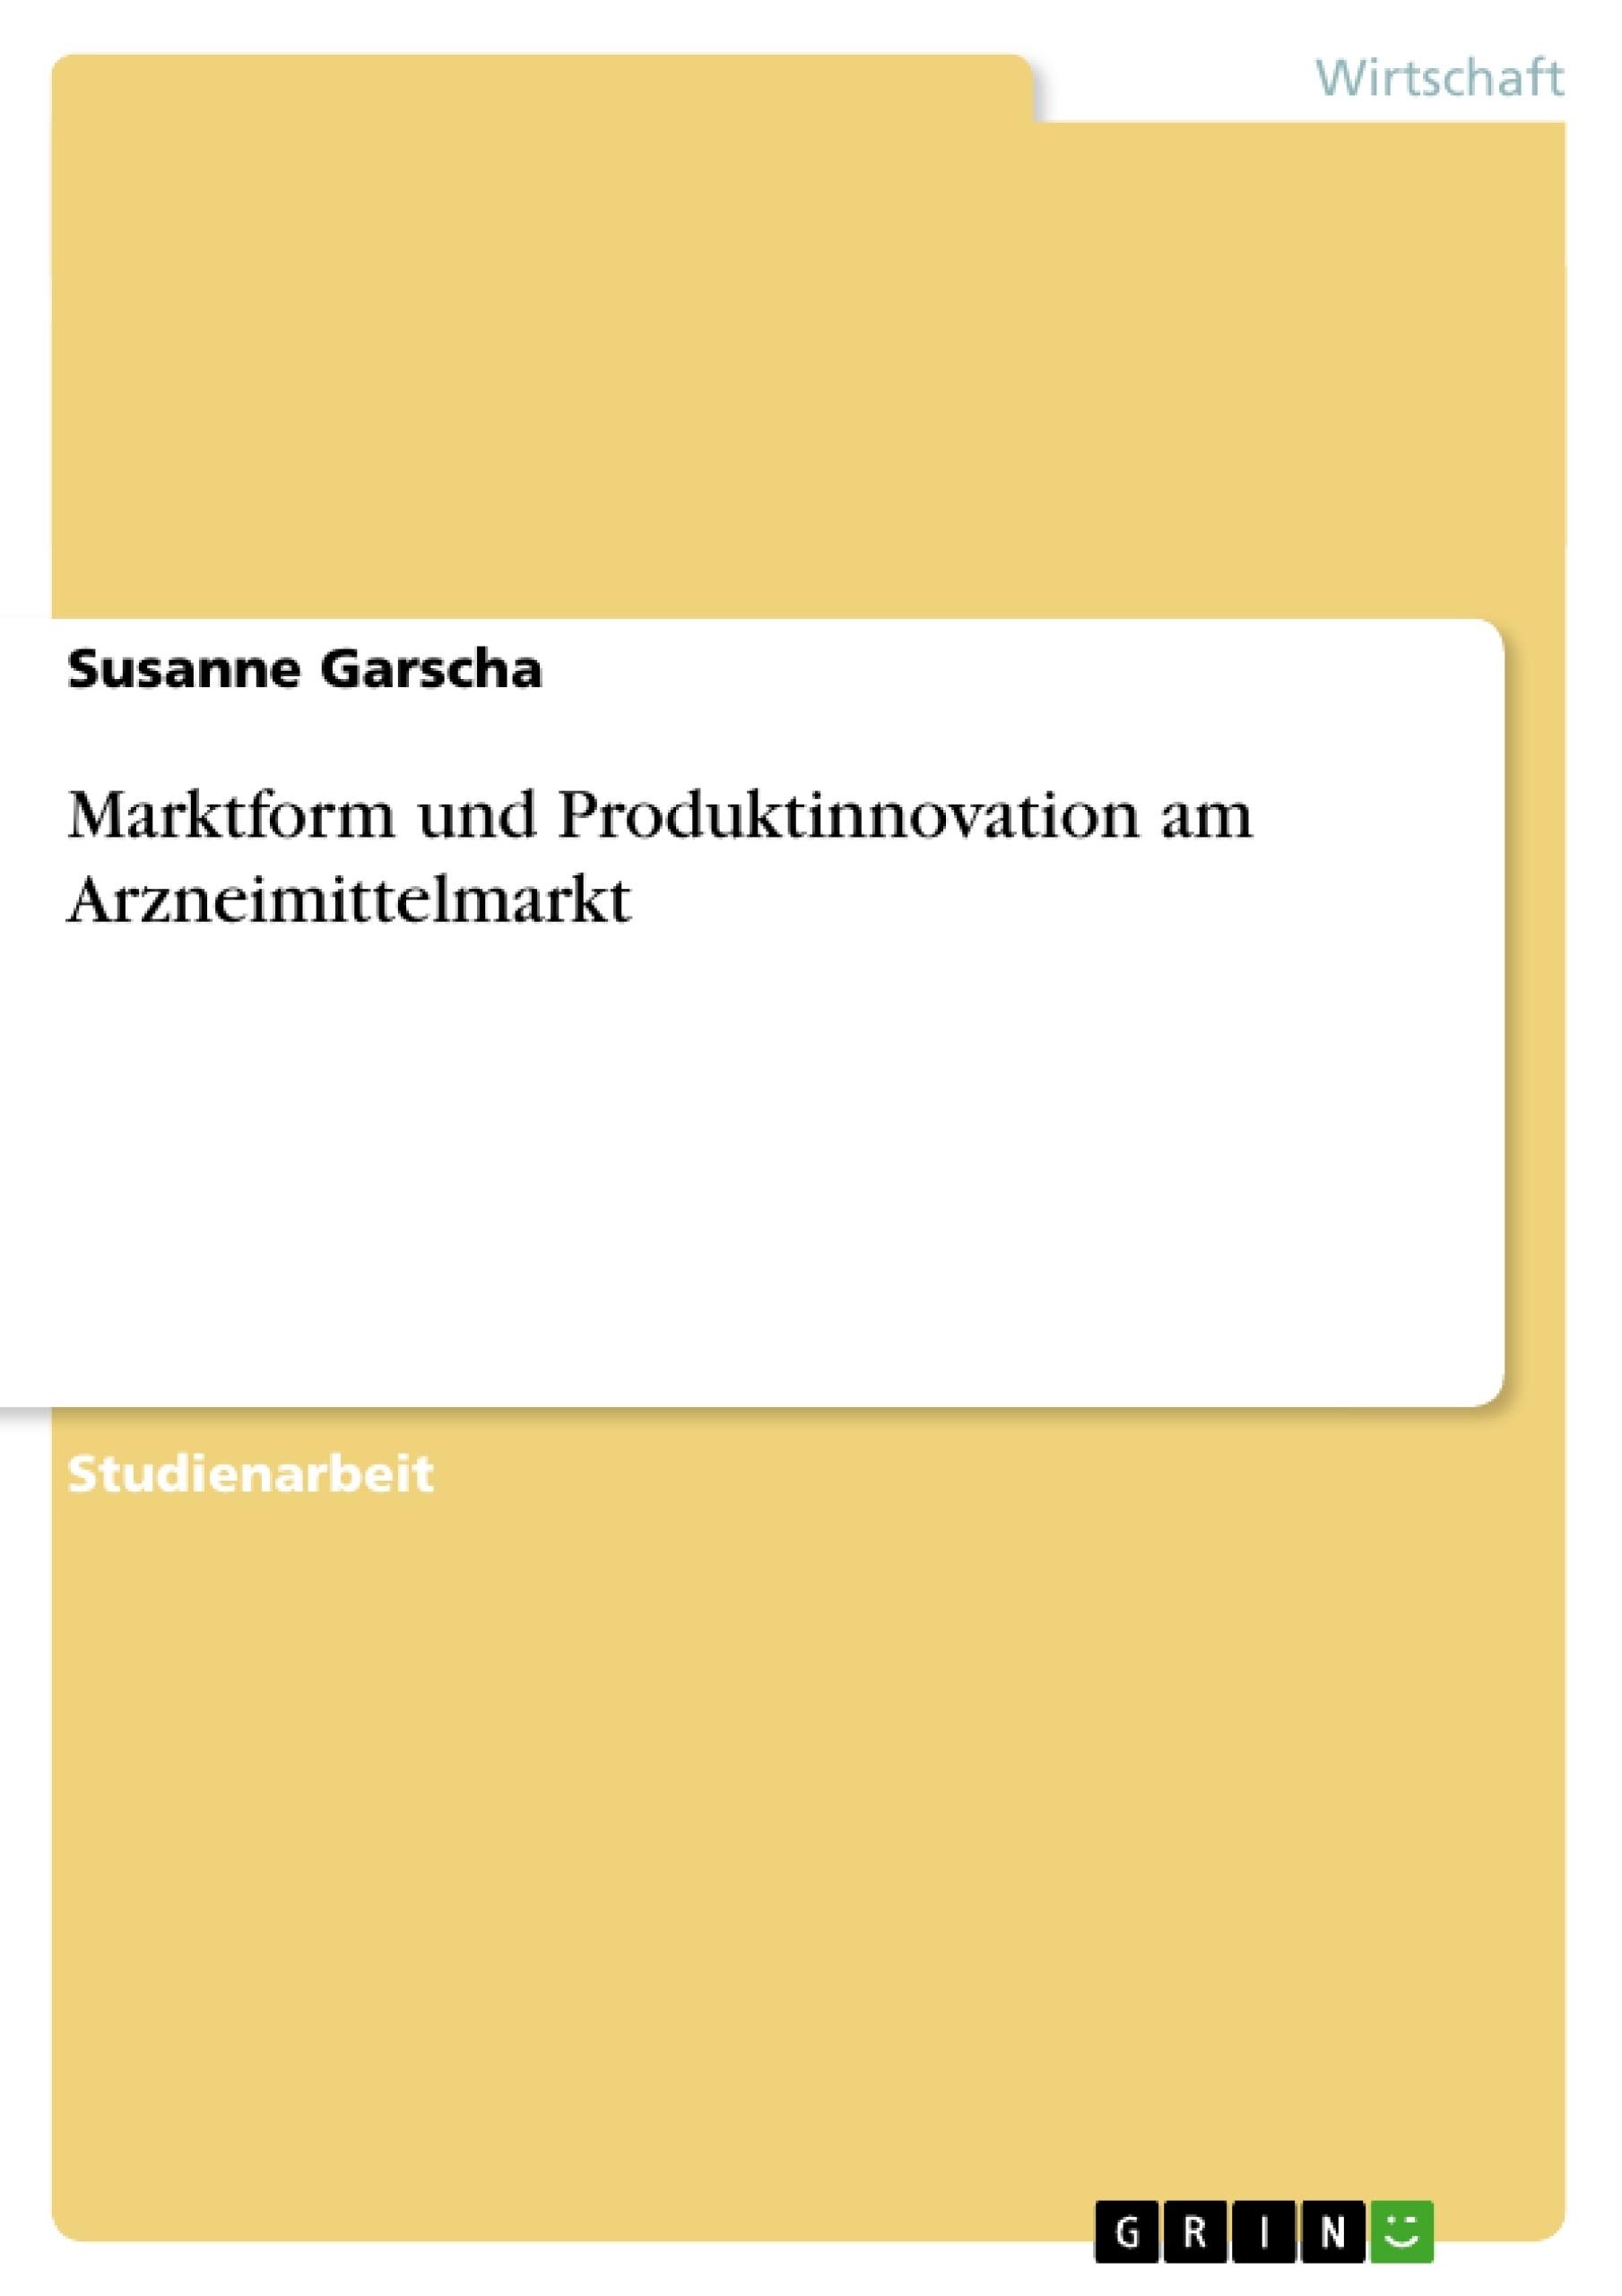 Titel: Marktform und Produktinnovation am Arzneimittelmarkt